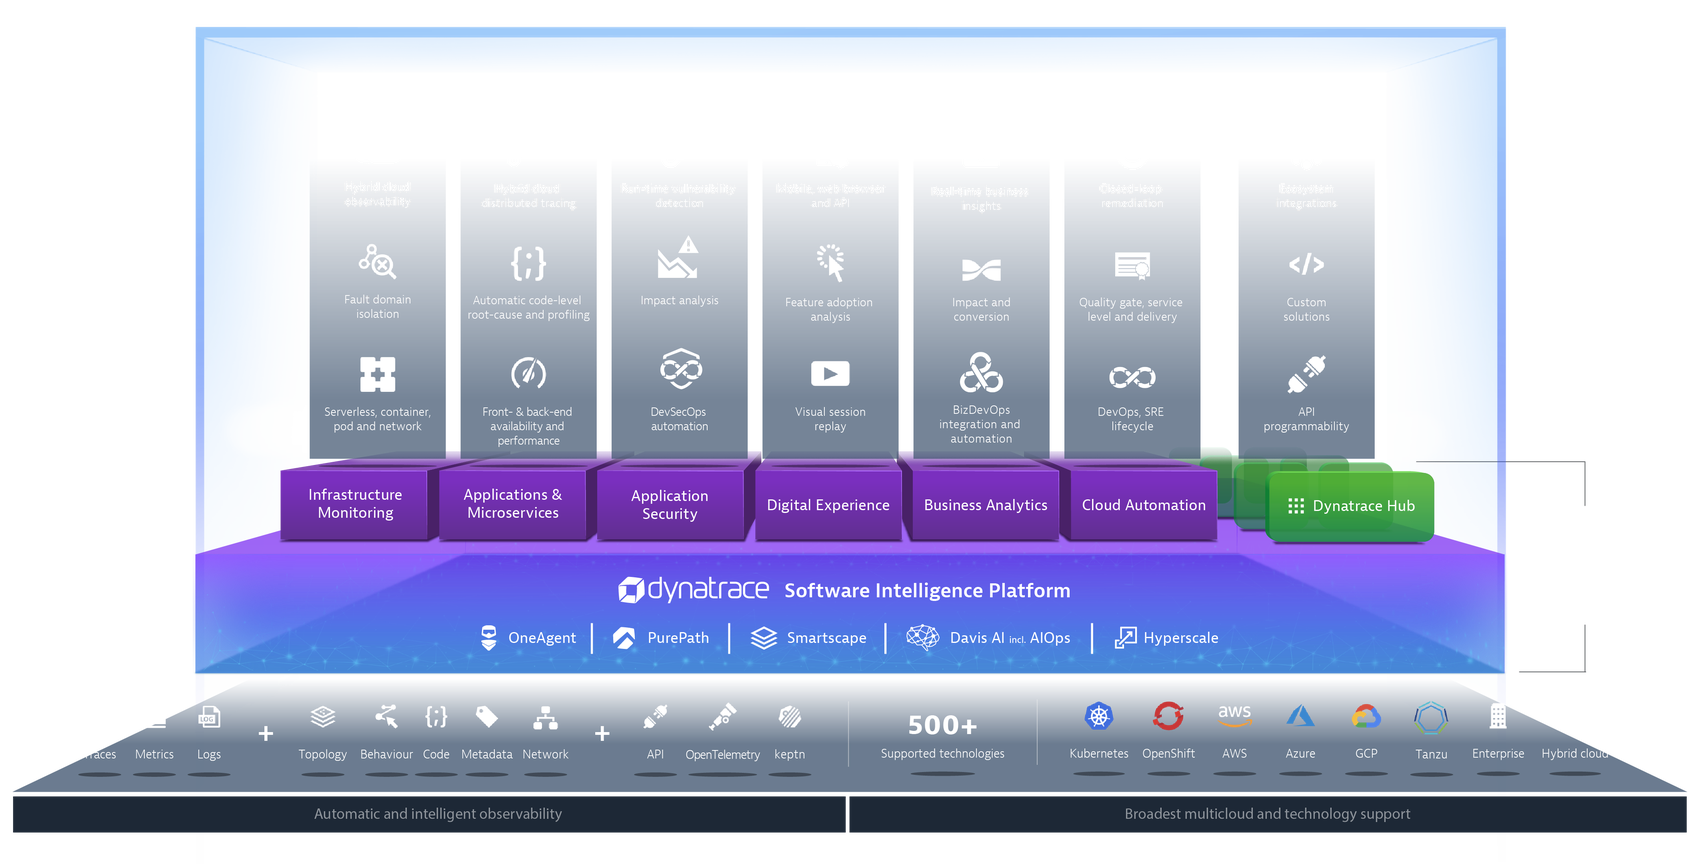 dynatrace_platform